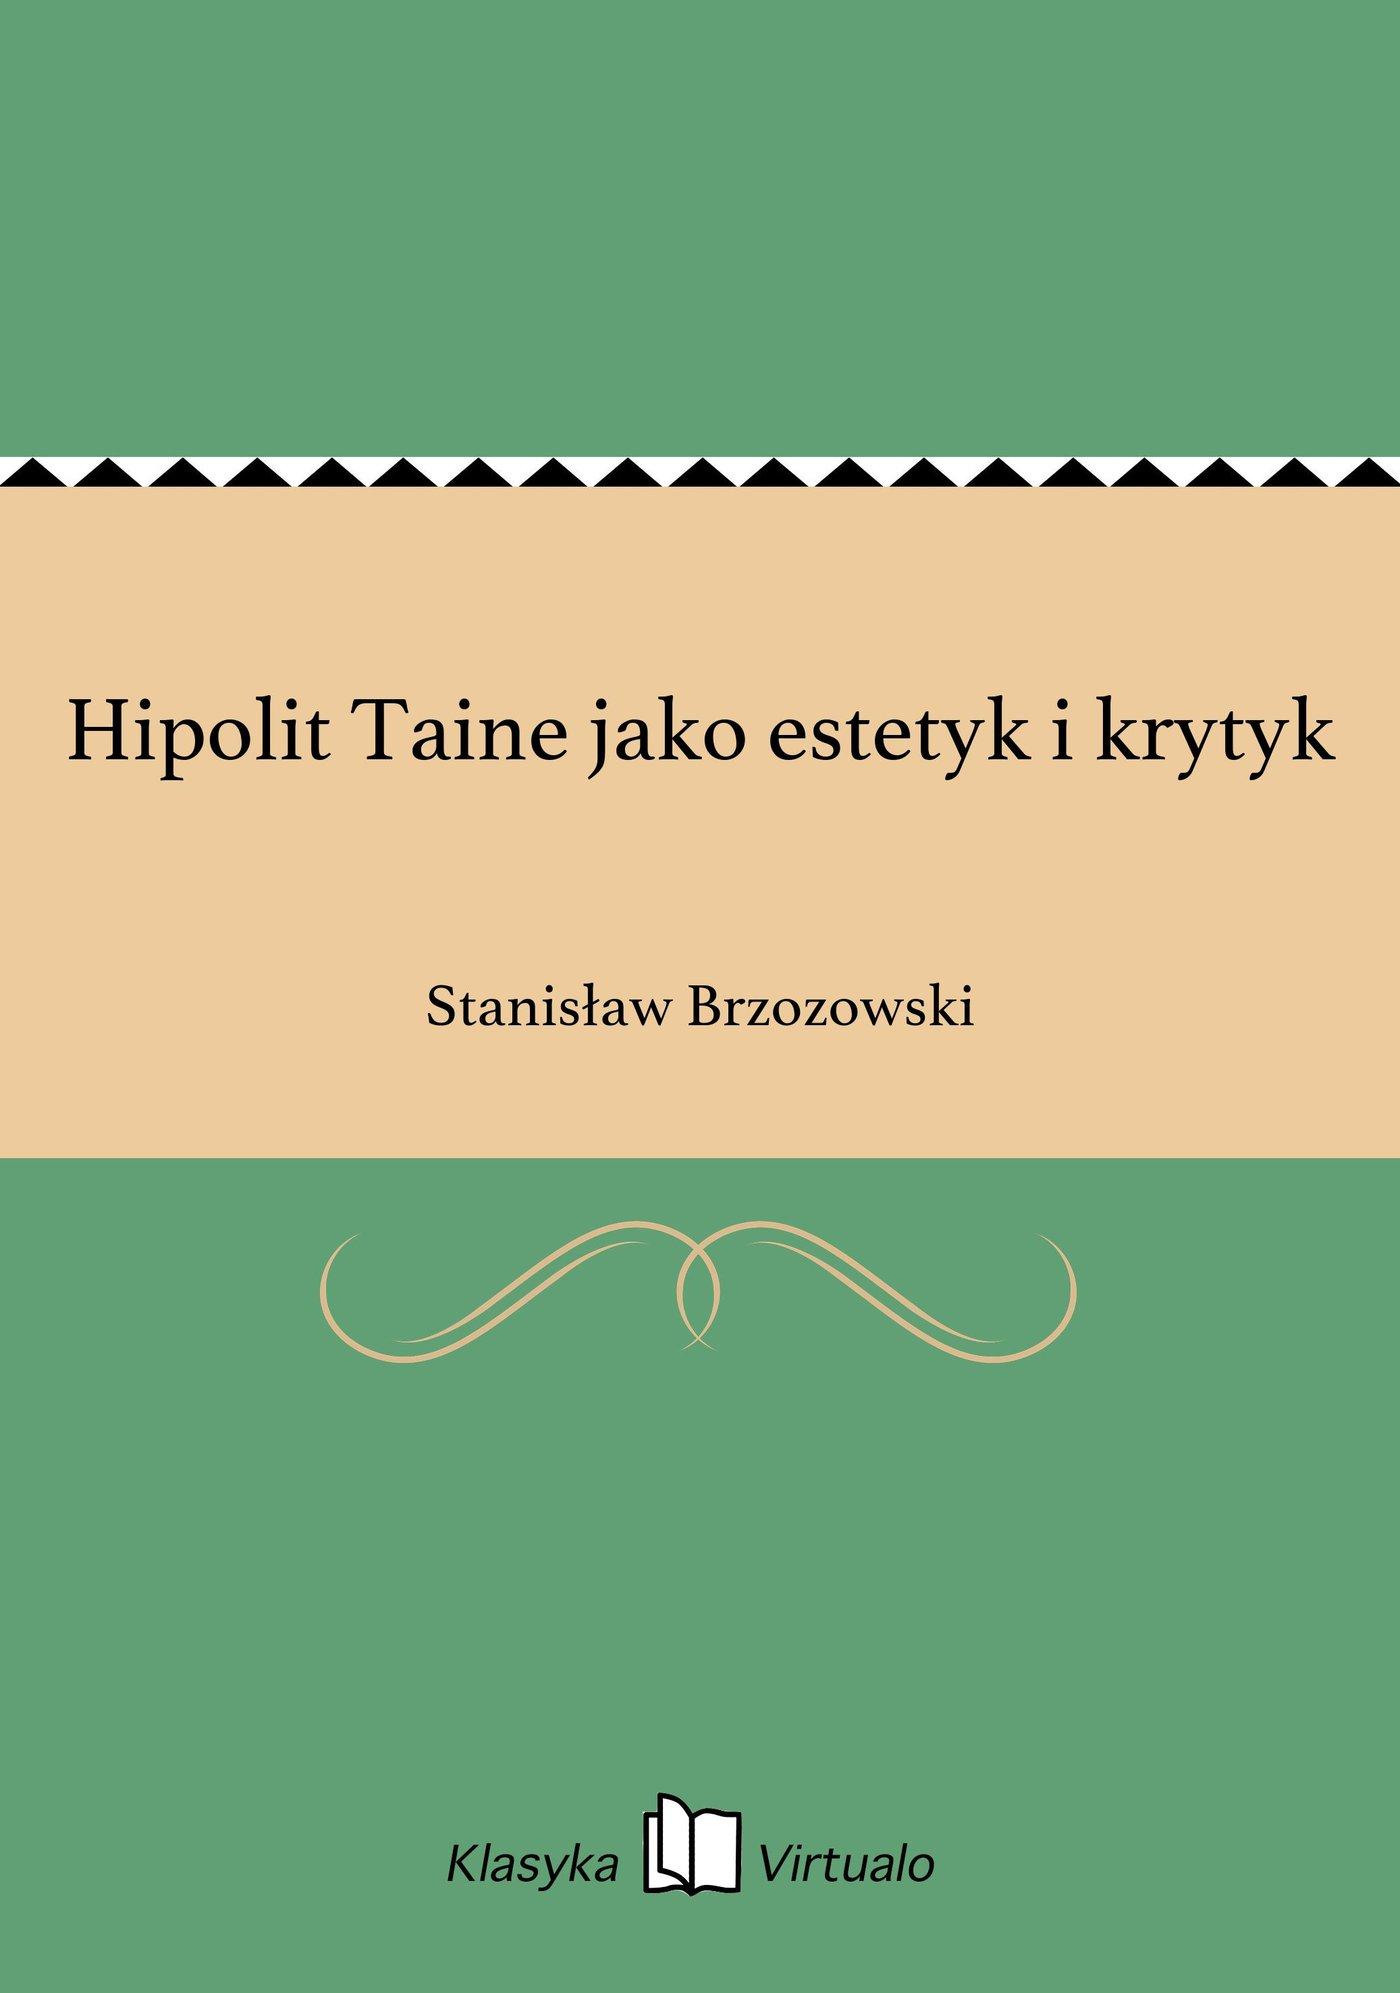 Hipolit Taine jako estetyk i krytyk - Ebook (Książka EPUB) do pobrania w formacie EPUB